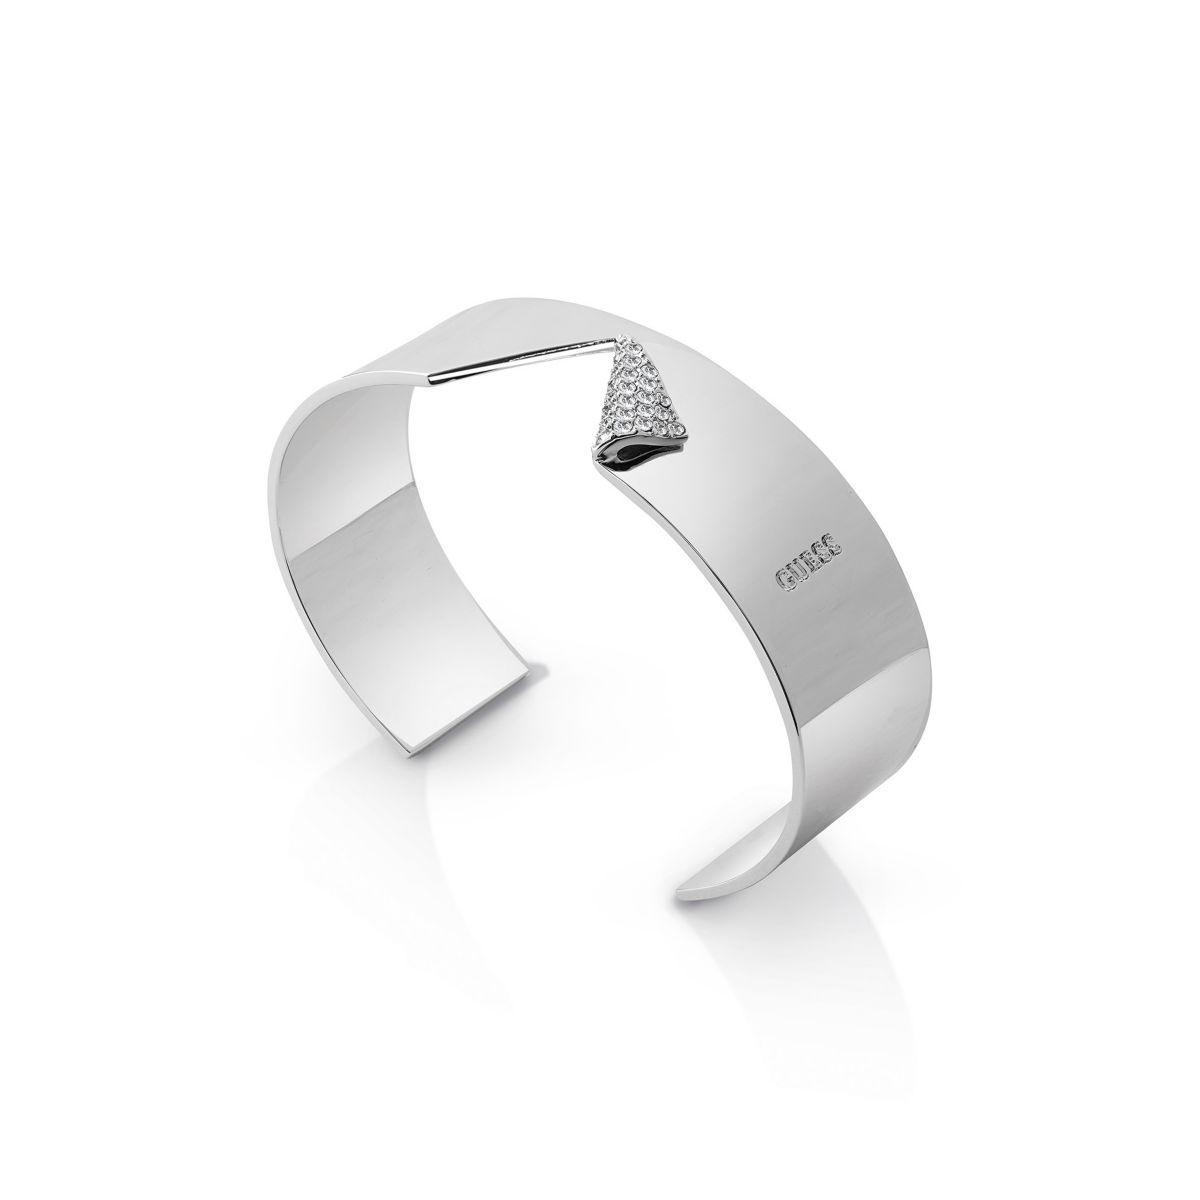 Bracelet Rigide Revers Rhodie